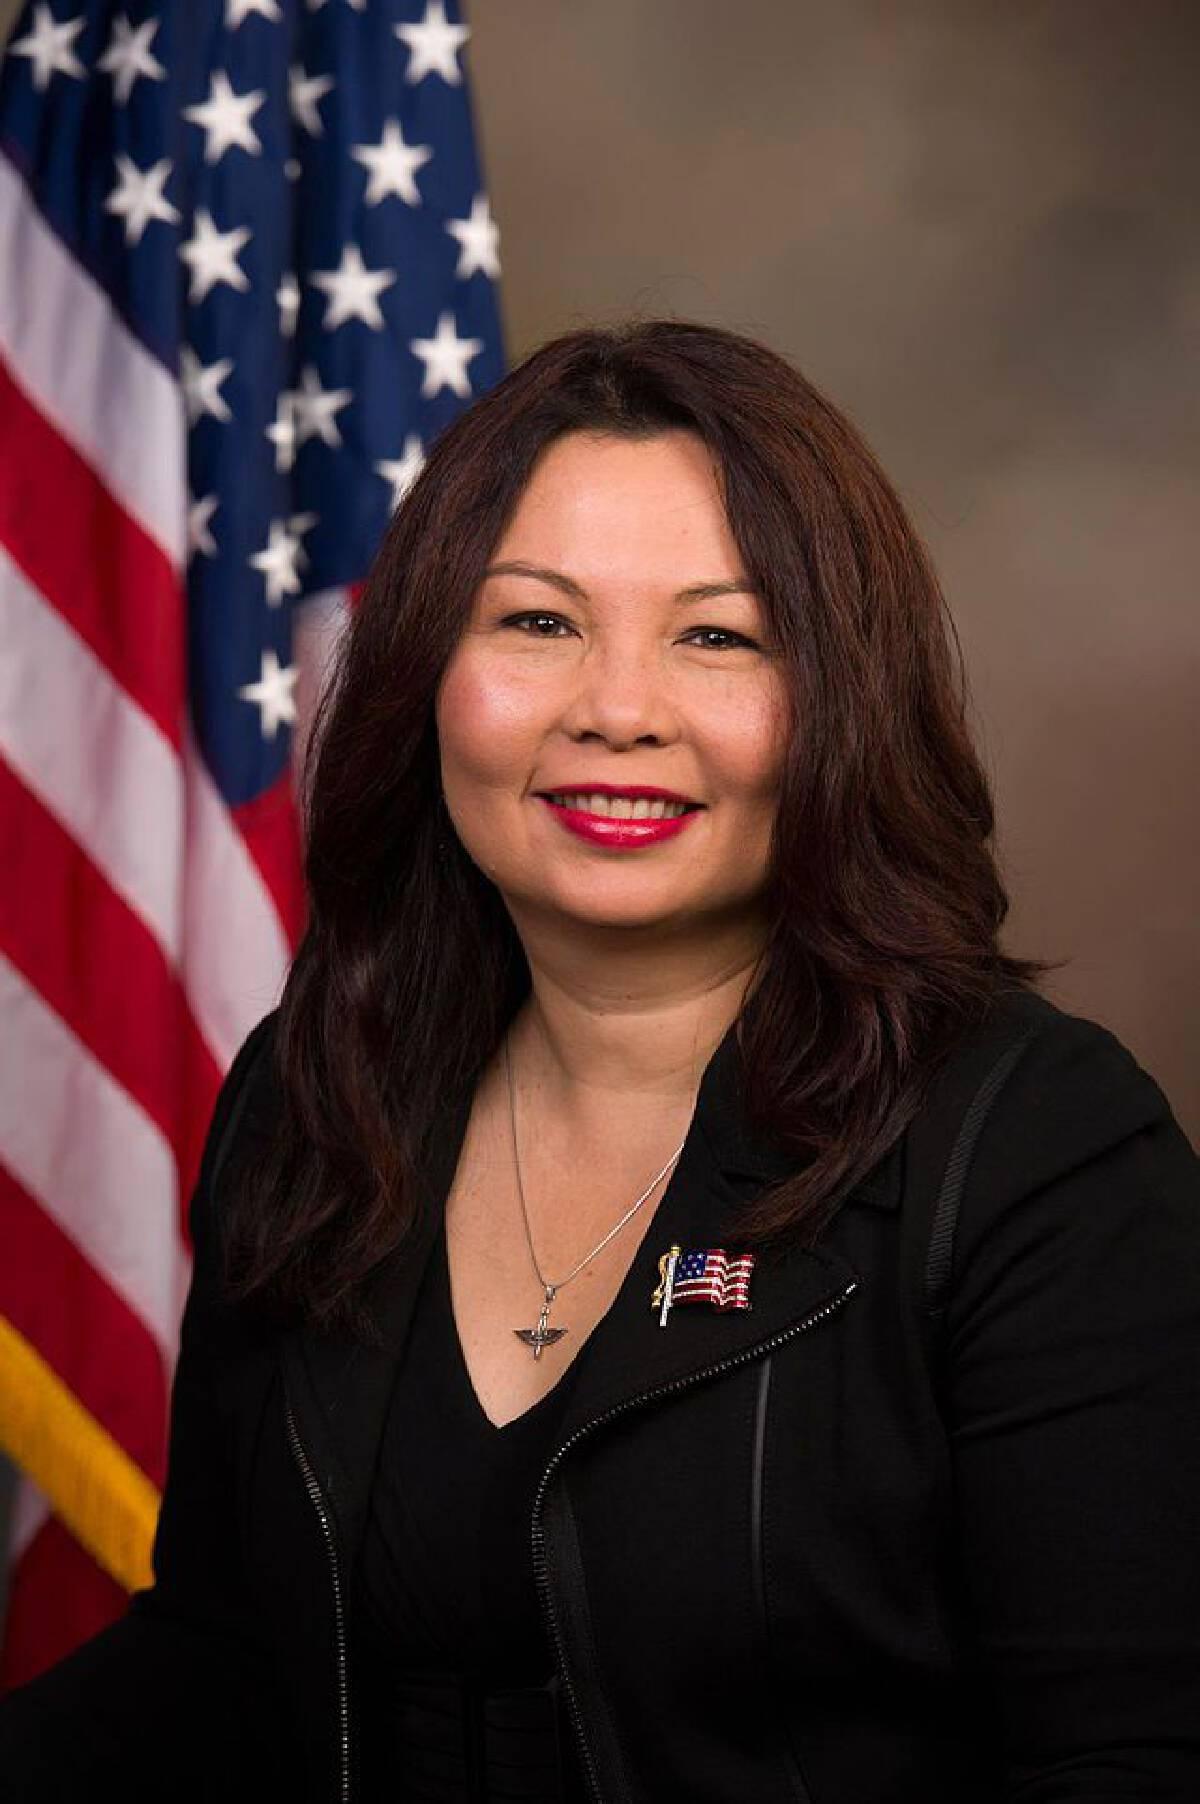 ลัดดา แทมมี่ ดักเวิร์ธ นักการเมืองอเมริกันเชื้อสายไทย